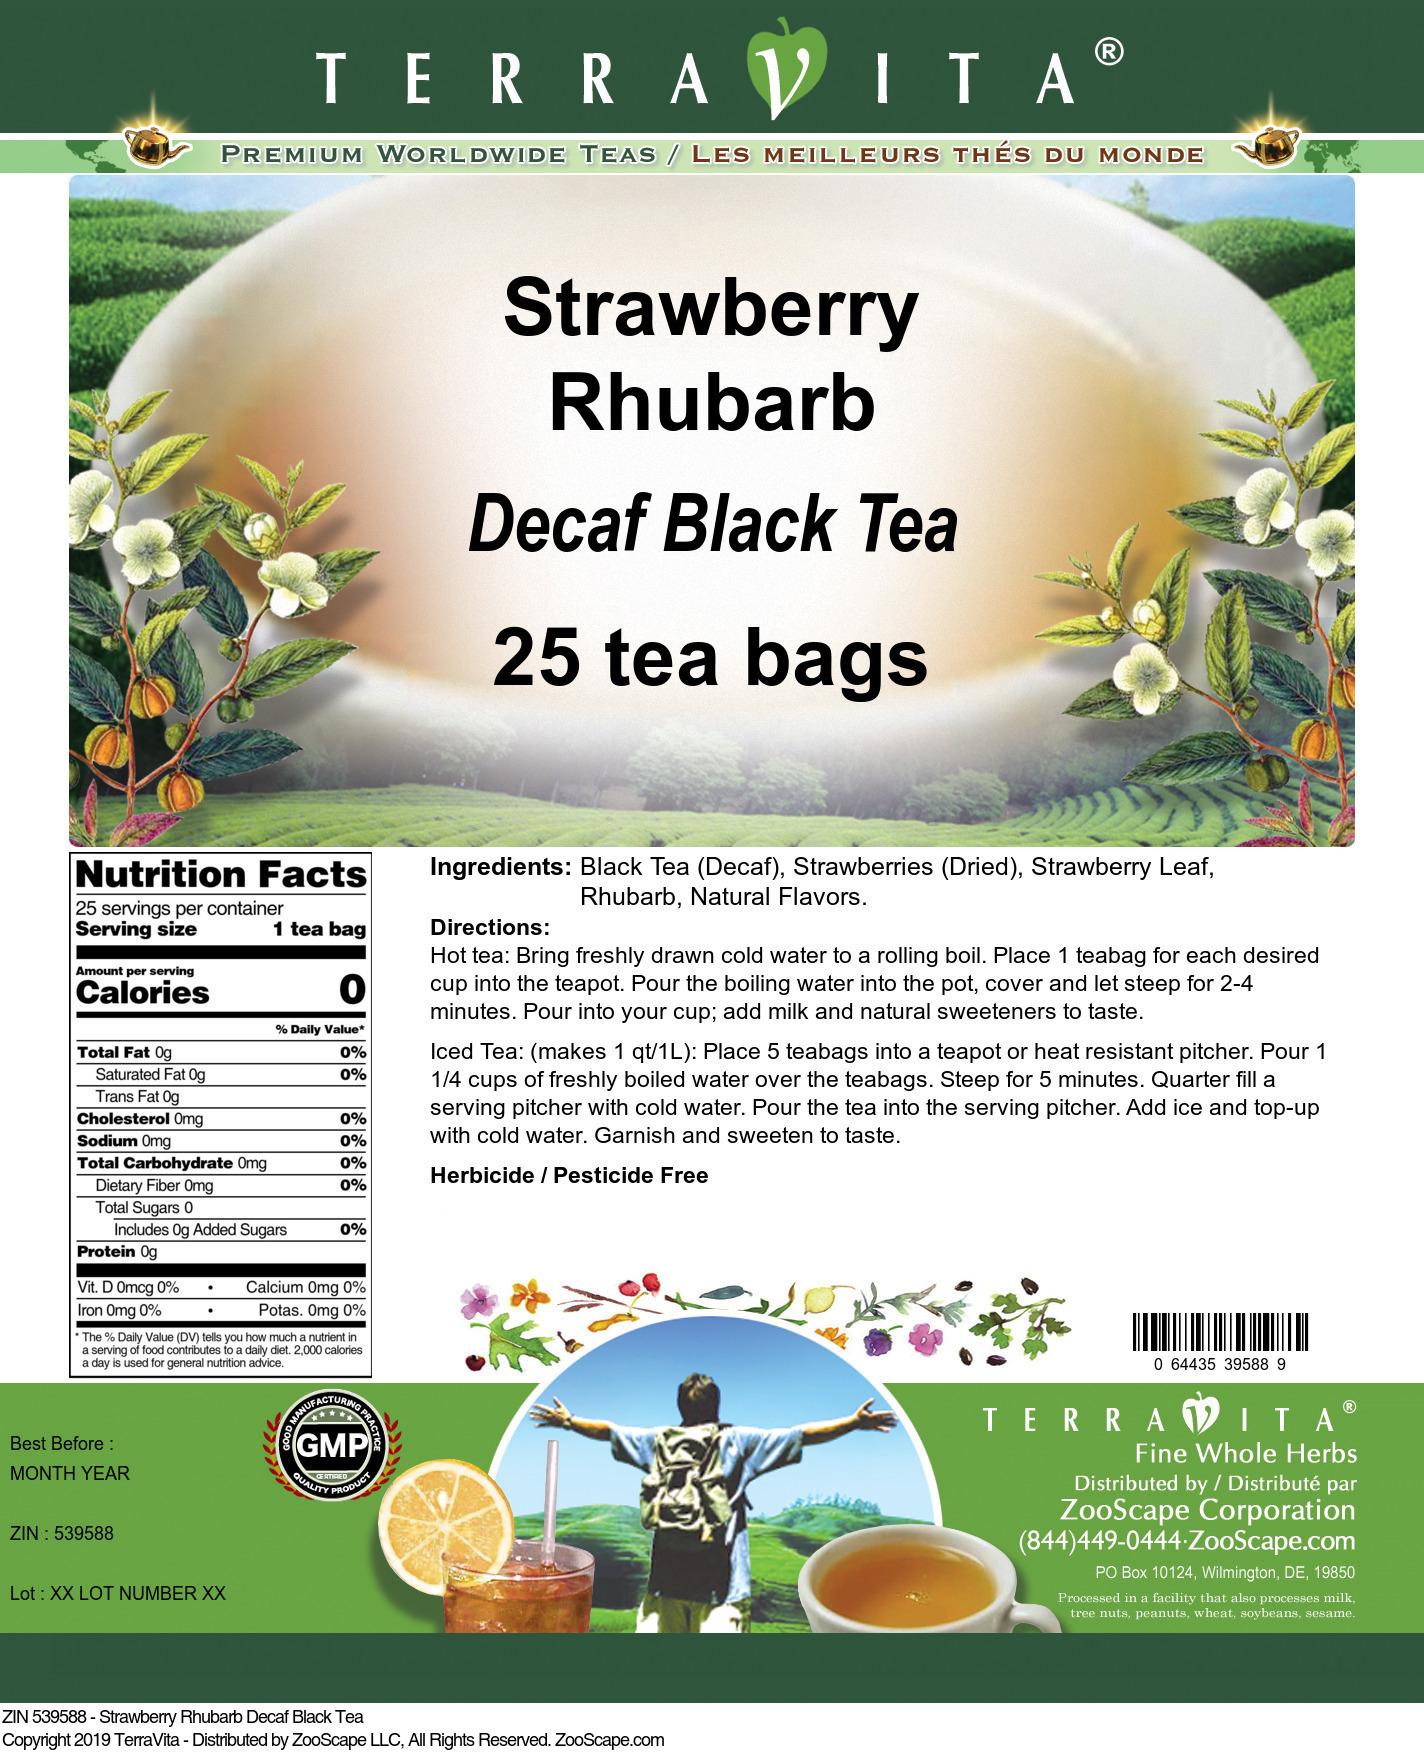 Strawberry Rhubarb Decaf Black Tea